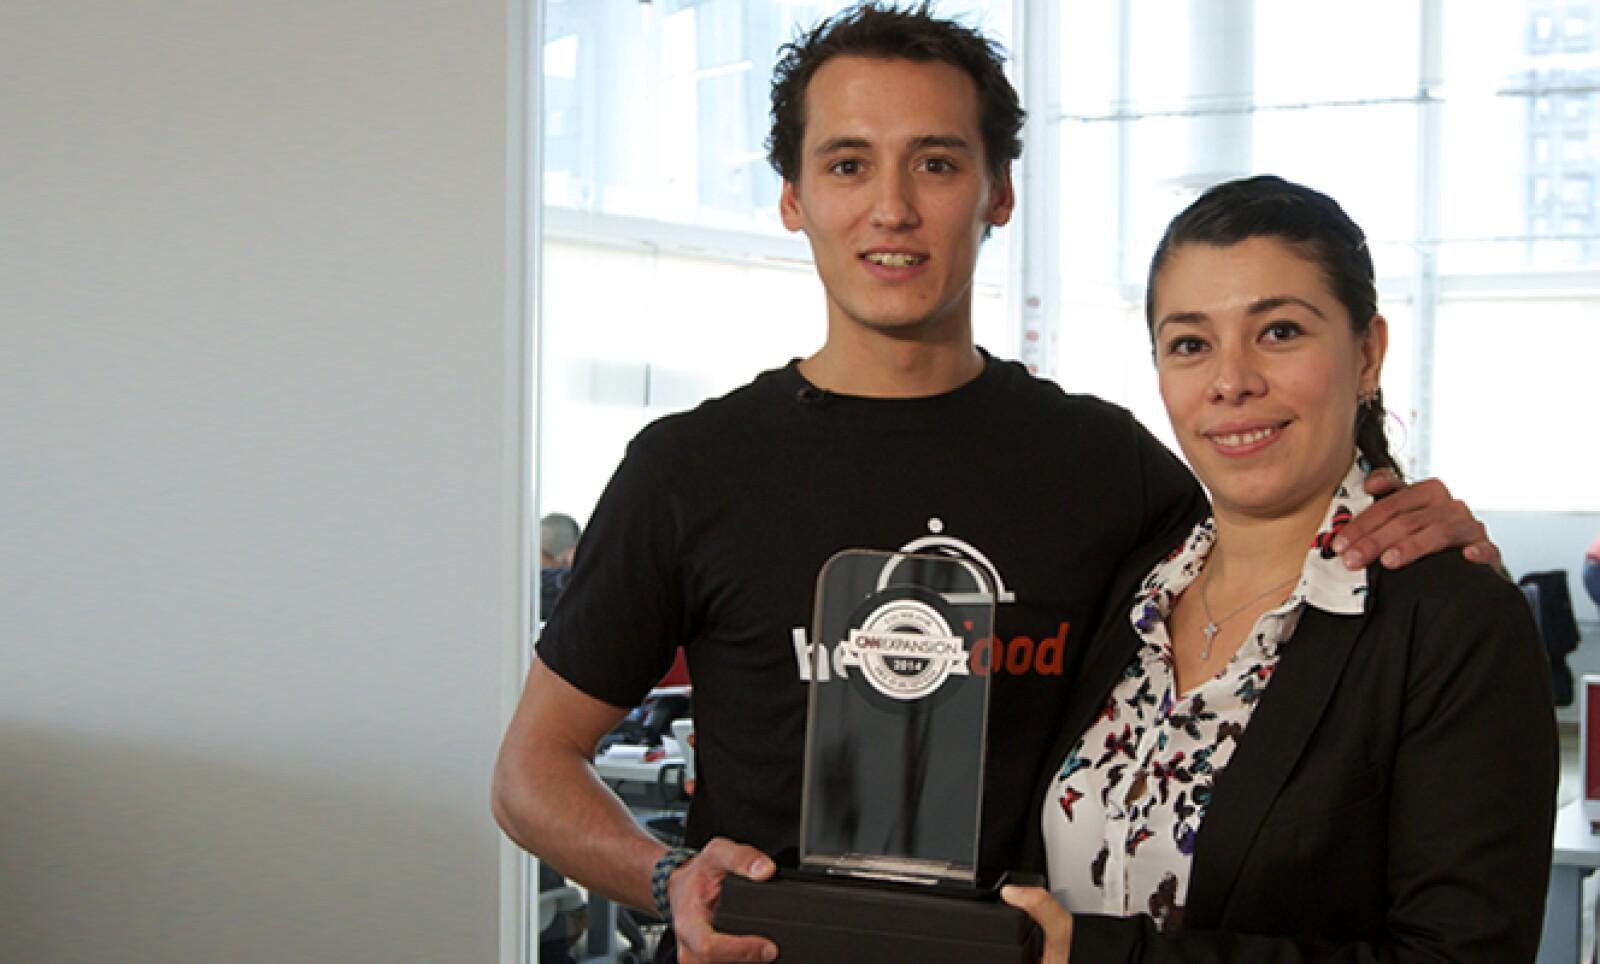 Recibió el premio a la Mejor App. El gerente de Marketing offline en AL de Hellofood Alessandro de Sario (izq.) recibió el premio en compañía de la gerente de Recursos Humanos Verónica Rojas. Compitieron contra Superama Móvil de Walmart México.